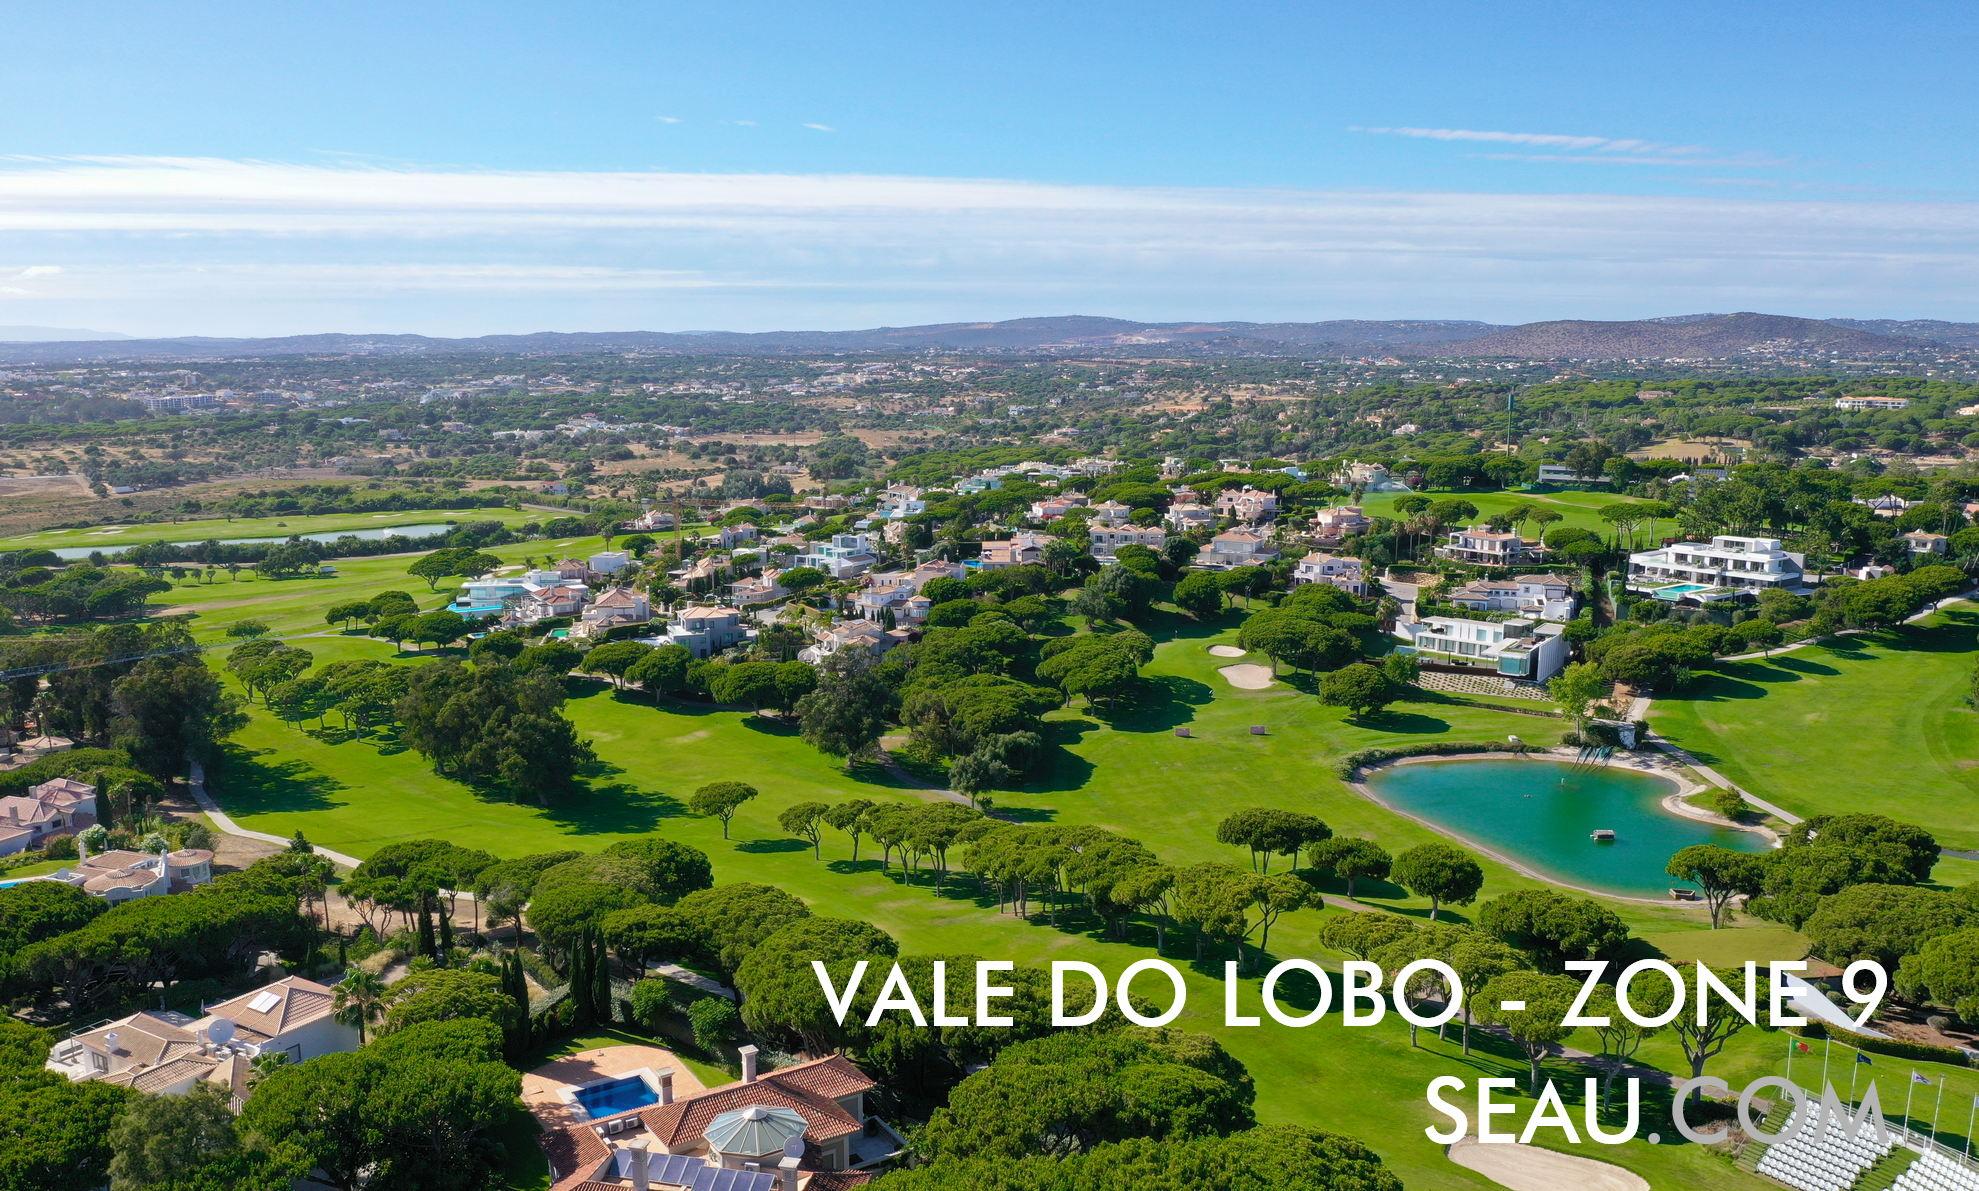 Zone 9 Vale do Lobo, einschließlich der Zonen Porta do Sol und Miragolf, umgeben vom Golfplatz Ocean